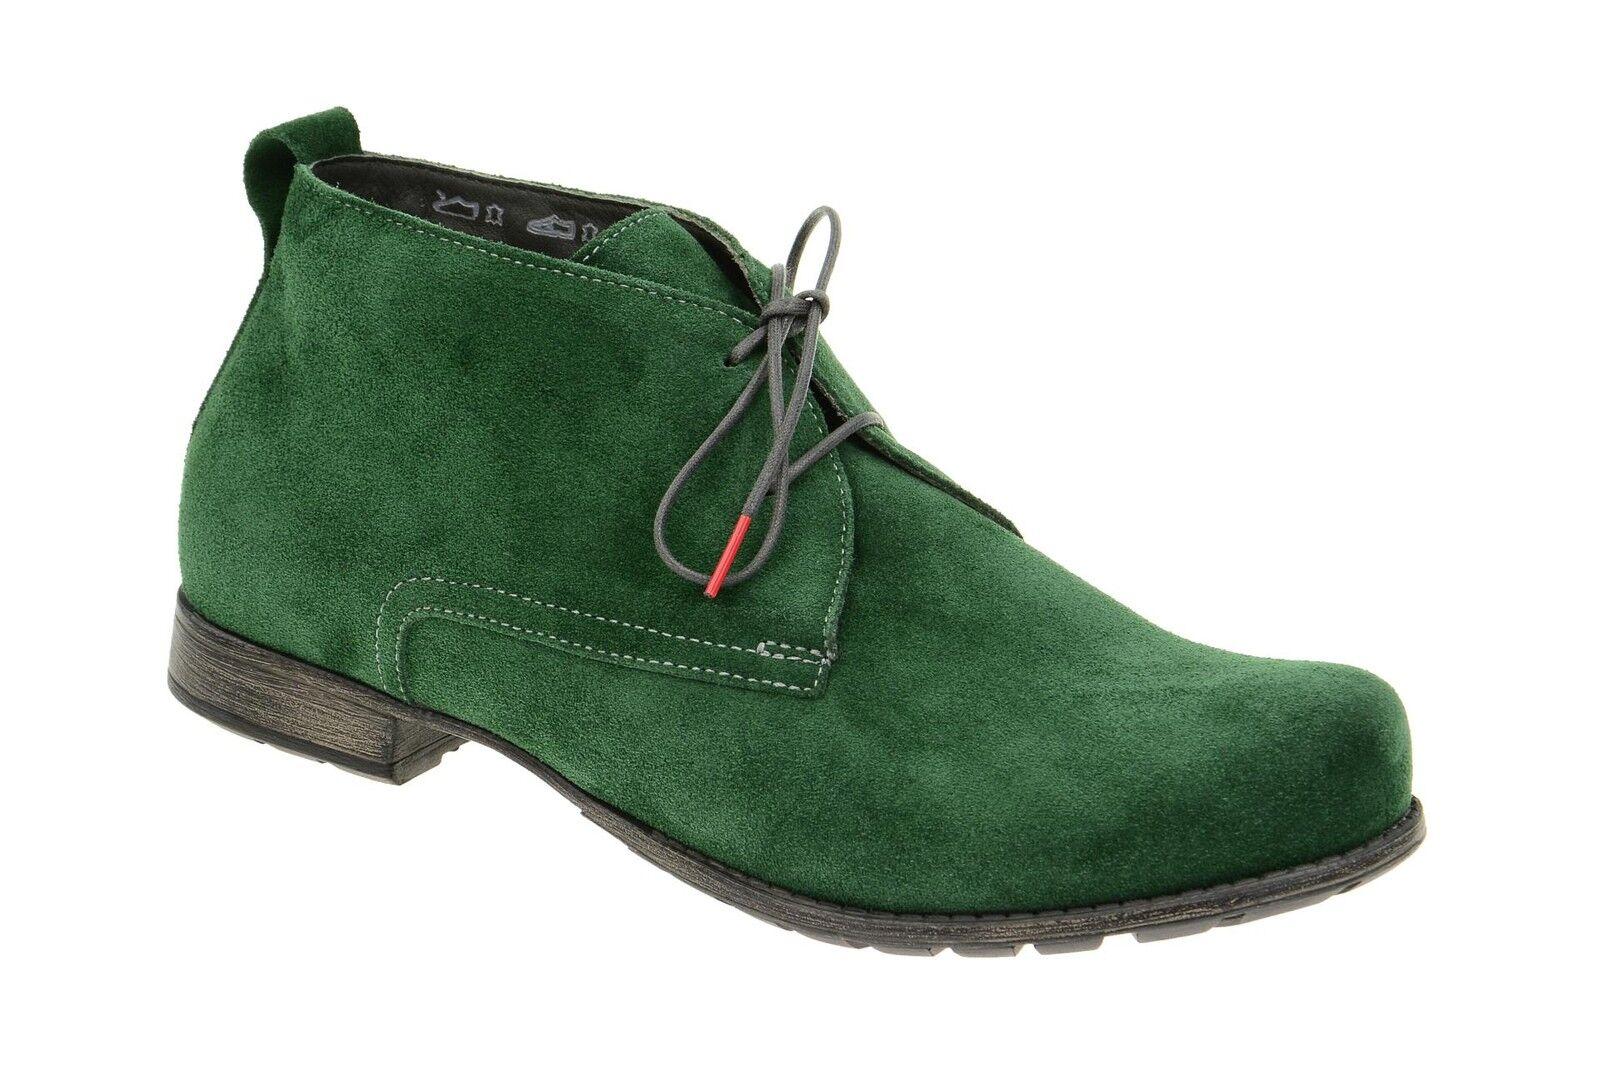 Think zapatos de pensamiento  verde señora botines botines botines cómodo botín 5-85780-61 nuevo  Envío 100% gratuito